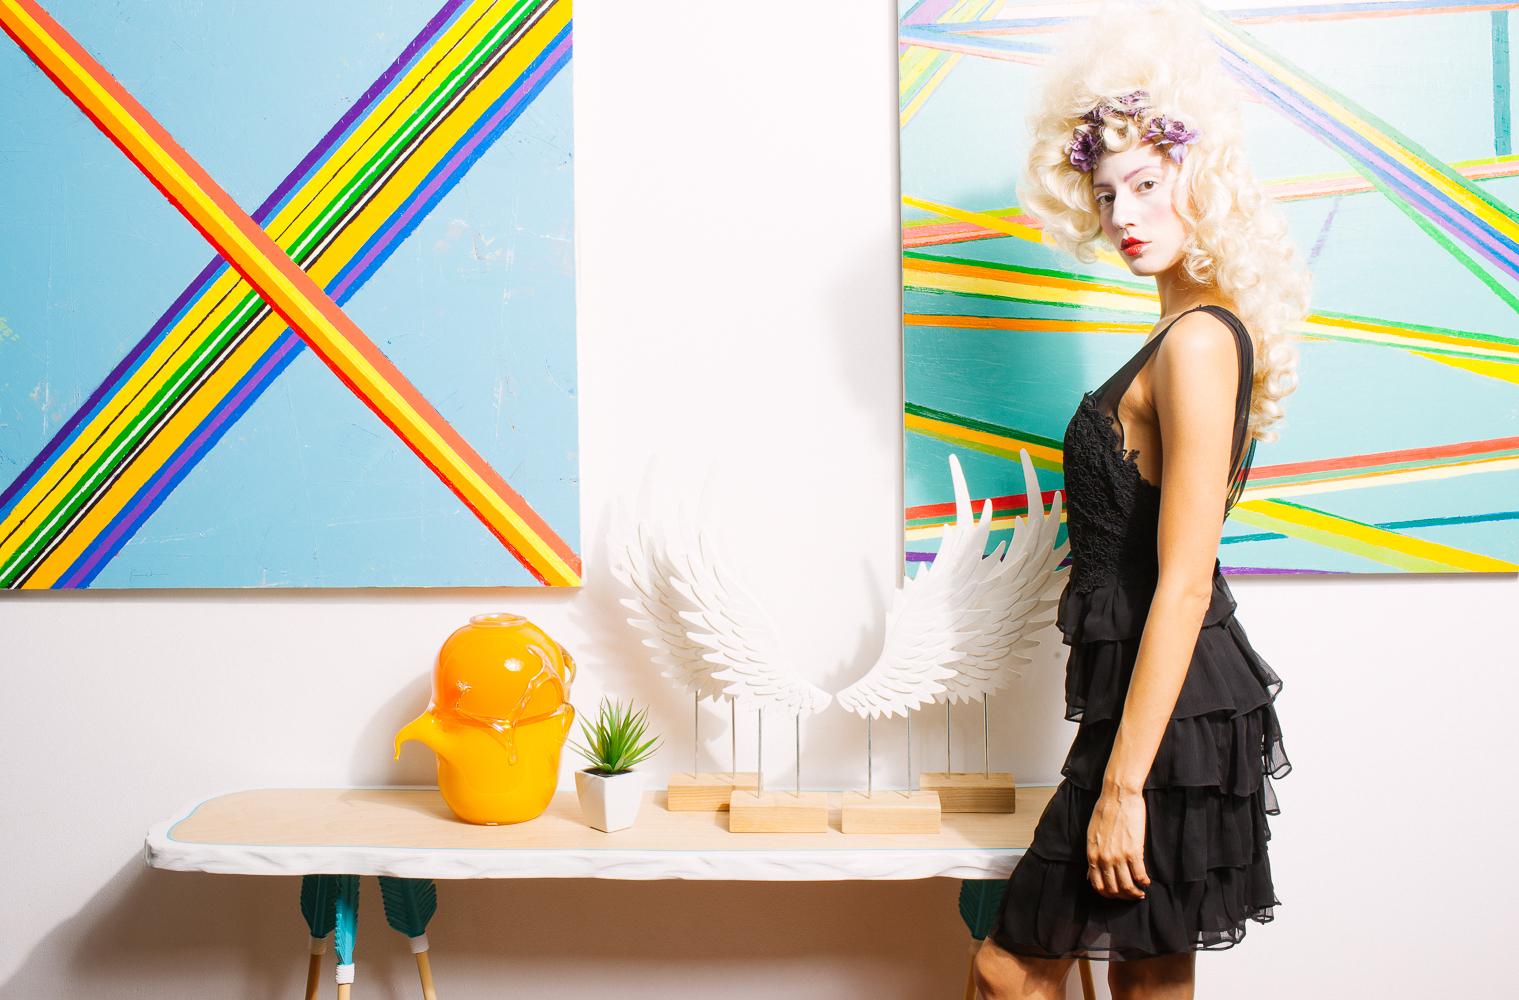 Model: Olivia Jordan Dress: Ivana Krejci